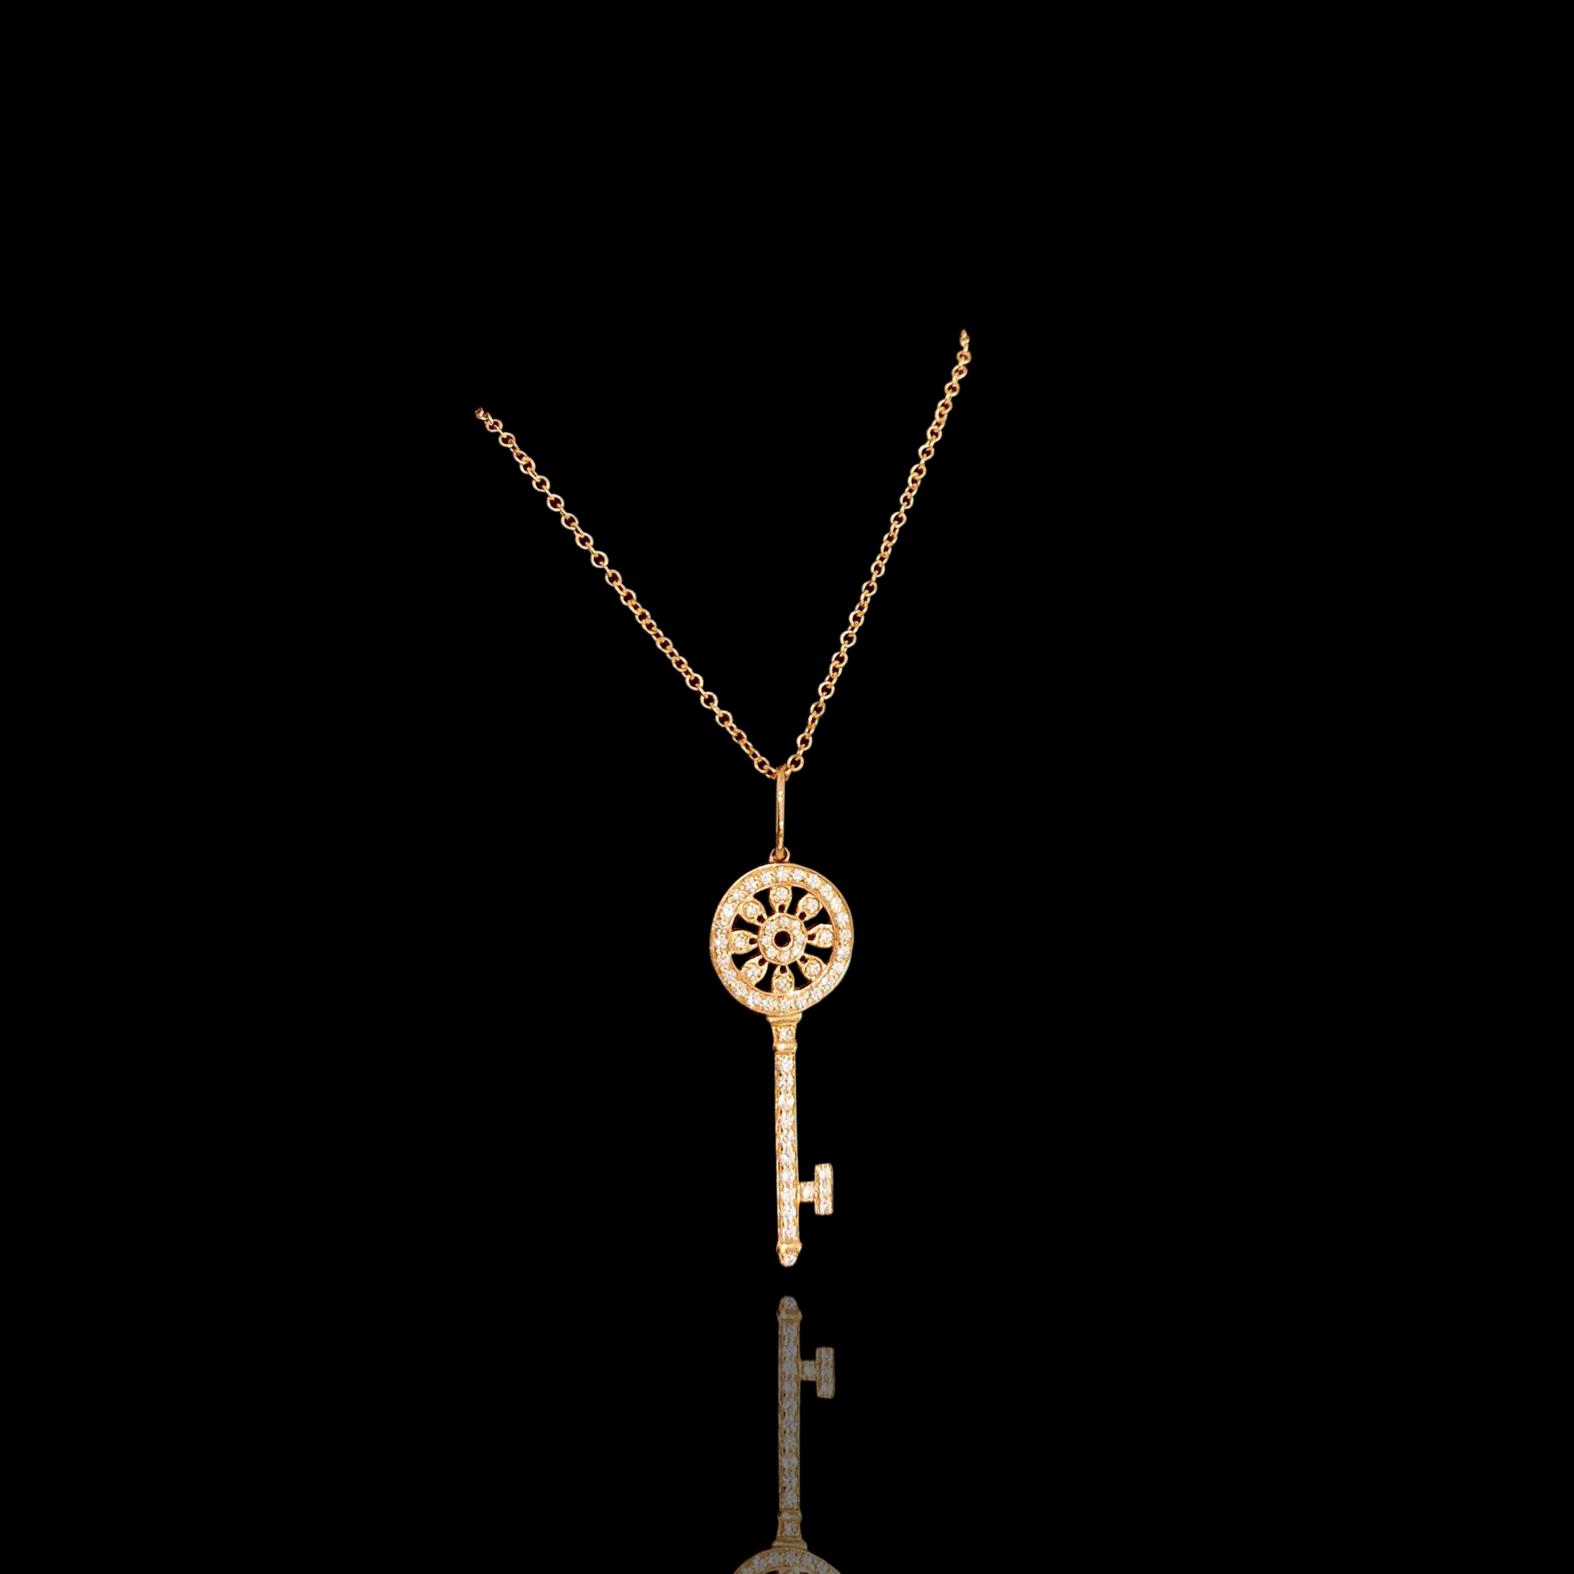 Lot 41 - Tiffany Petal Key Necklace, Tiffany & Co.